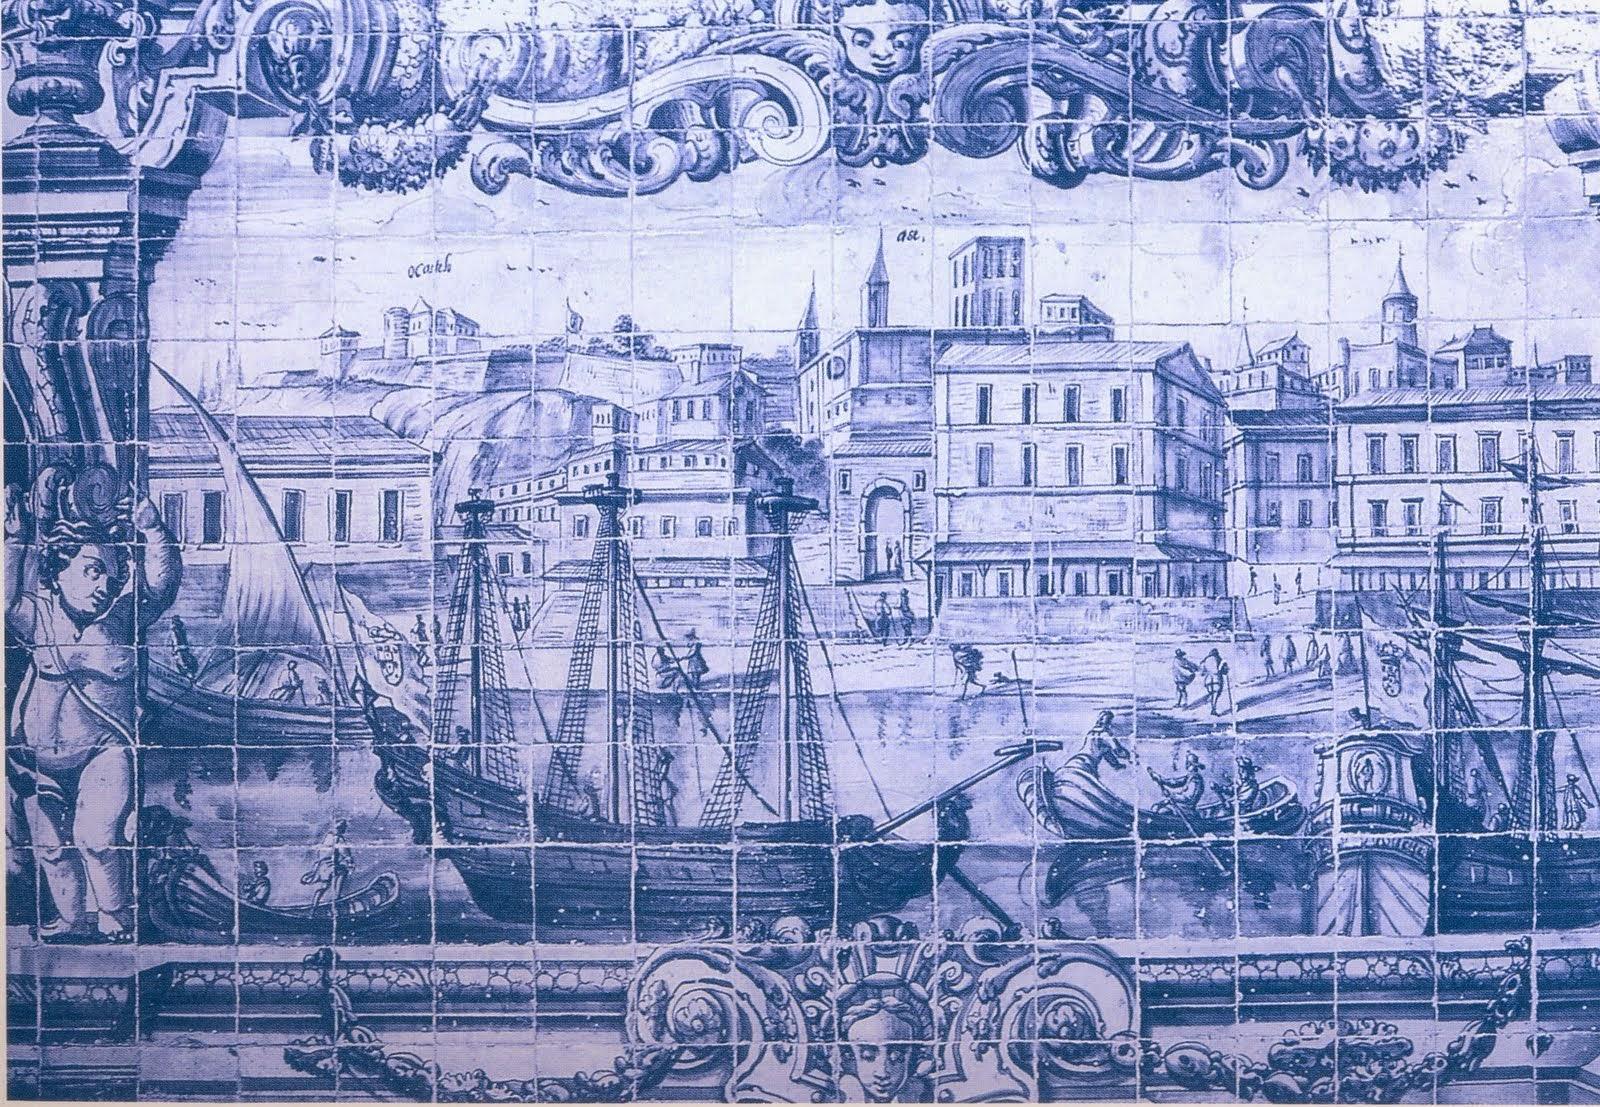 Museu nacional do azulejo em lisboa dicas de lisboa e - Fotos de azulejos ...